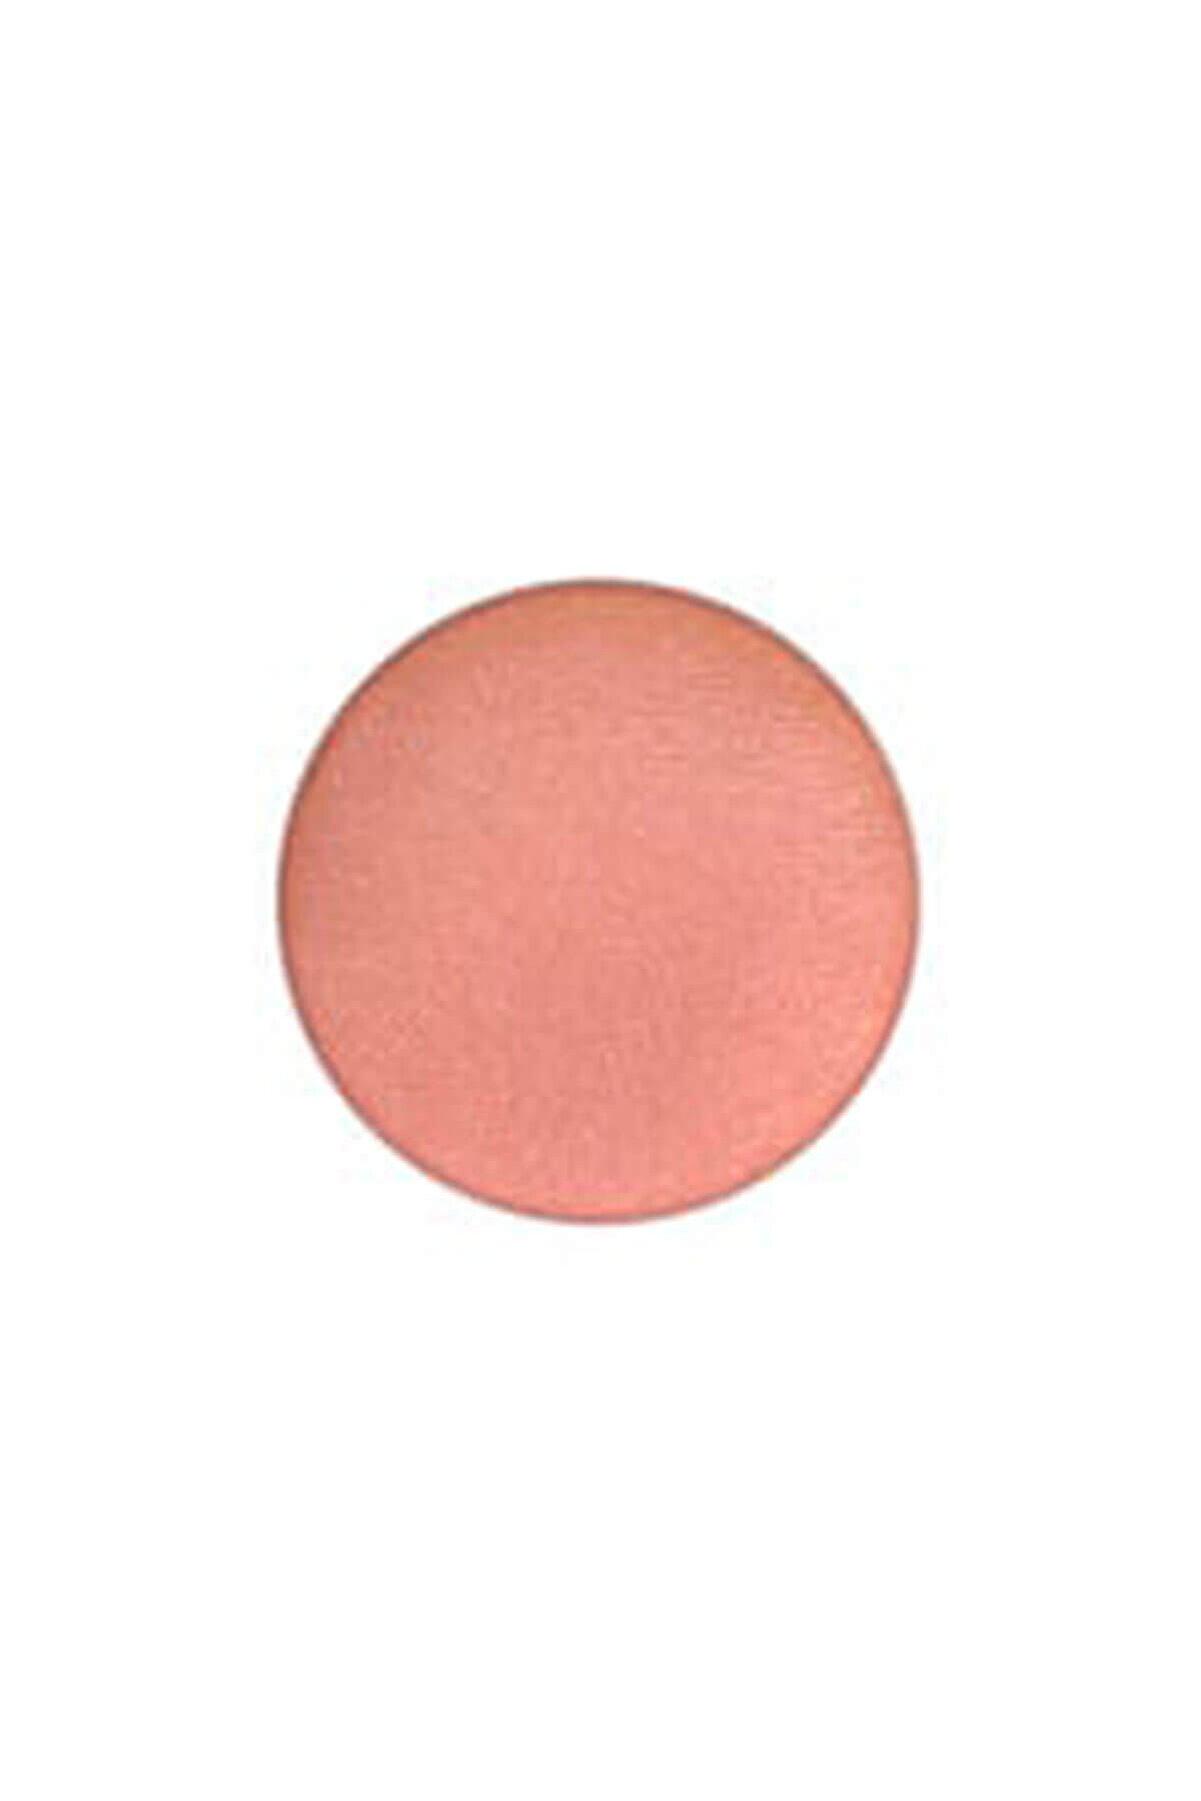 Mac Göz Farı - Refill Far Paradisco 1.5 g 773602018772